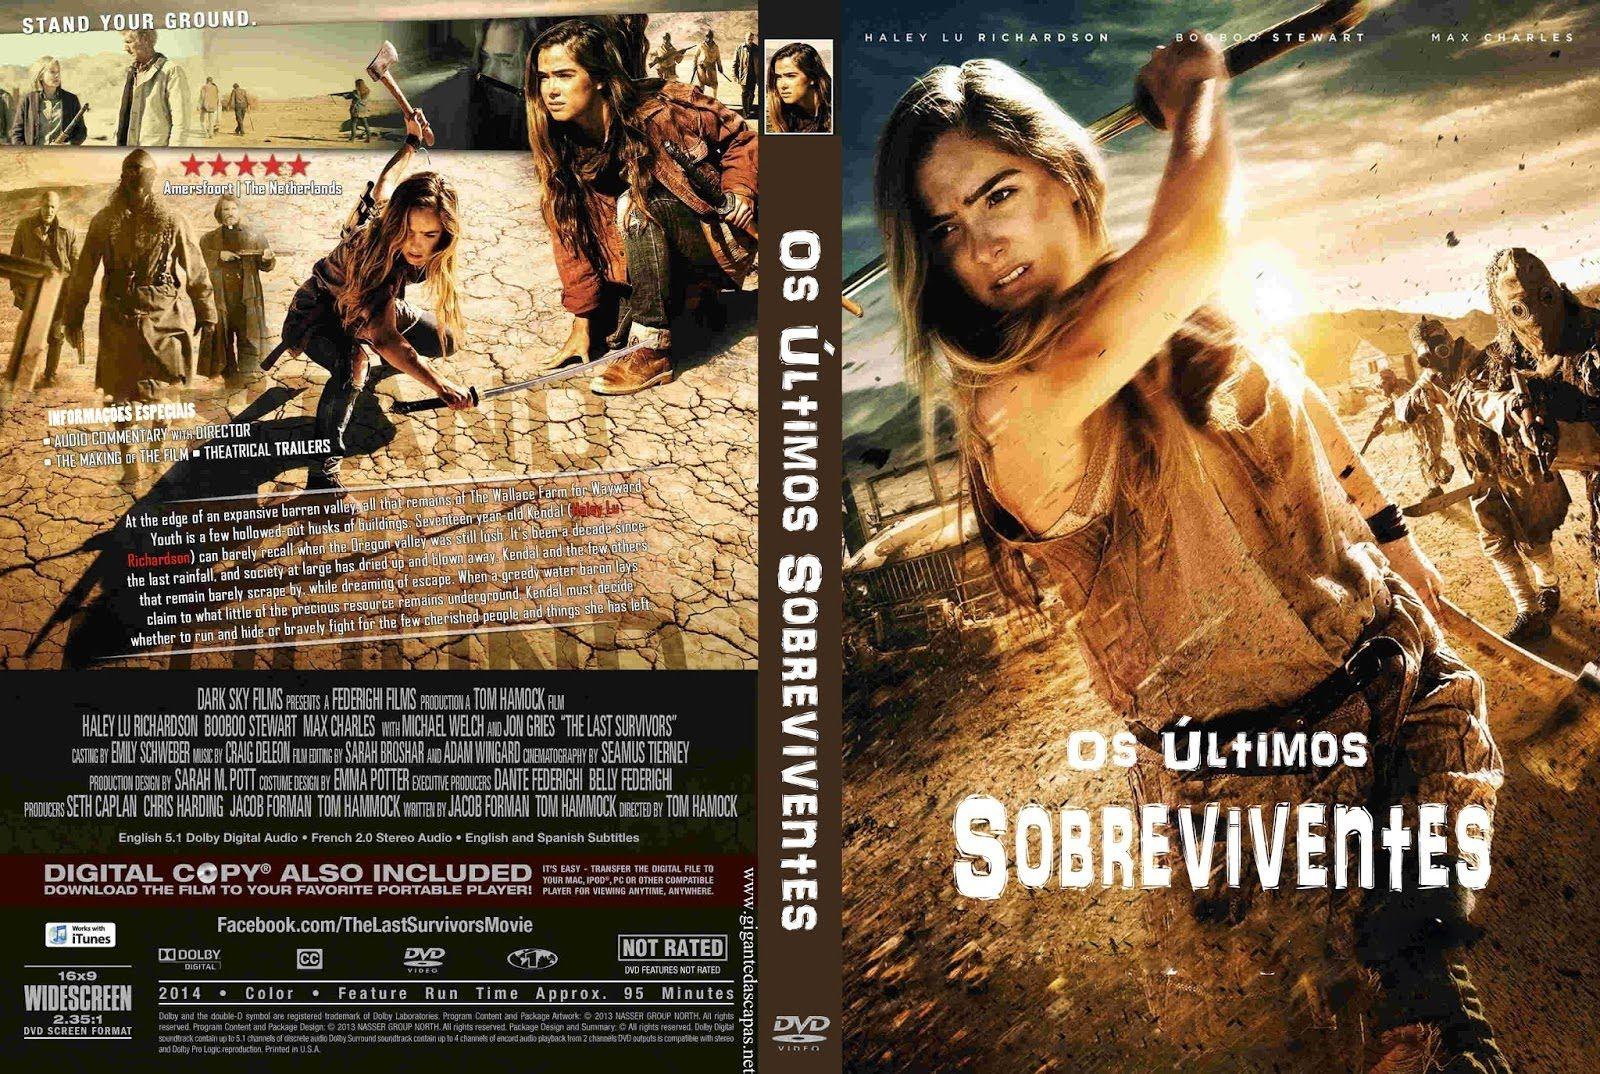 Filme Hades inside os Últimos sobreviventes - assistir filme completo dublado em